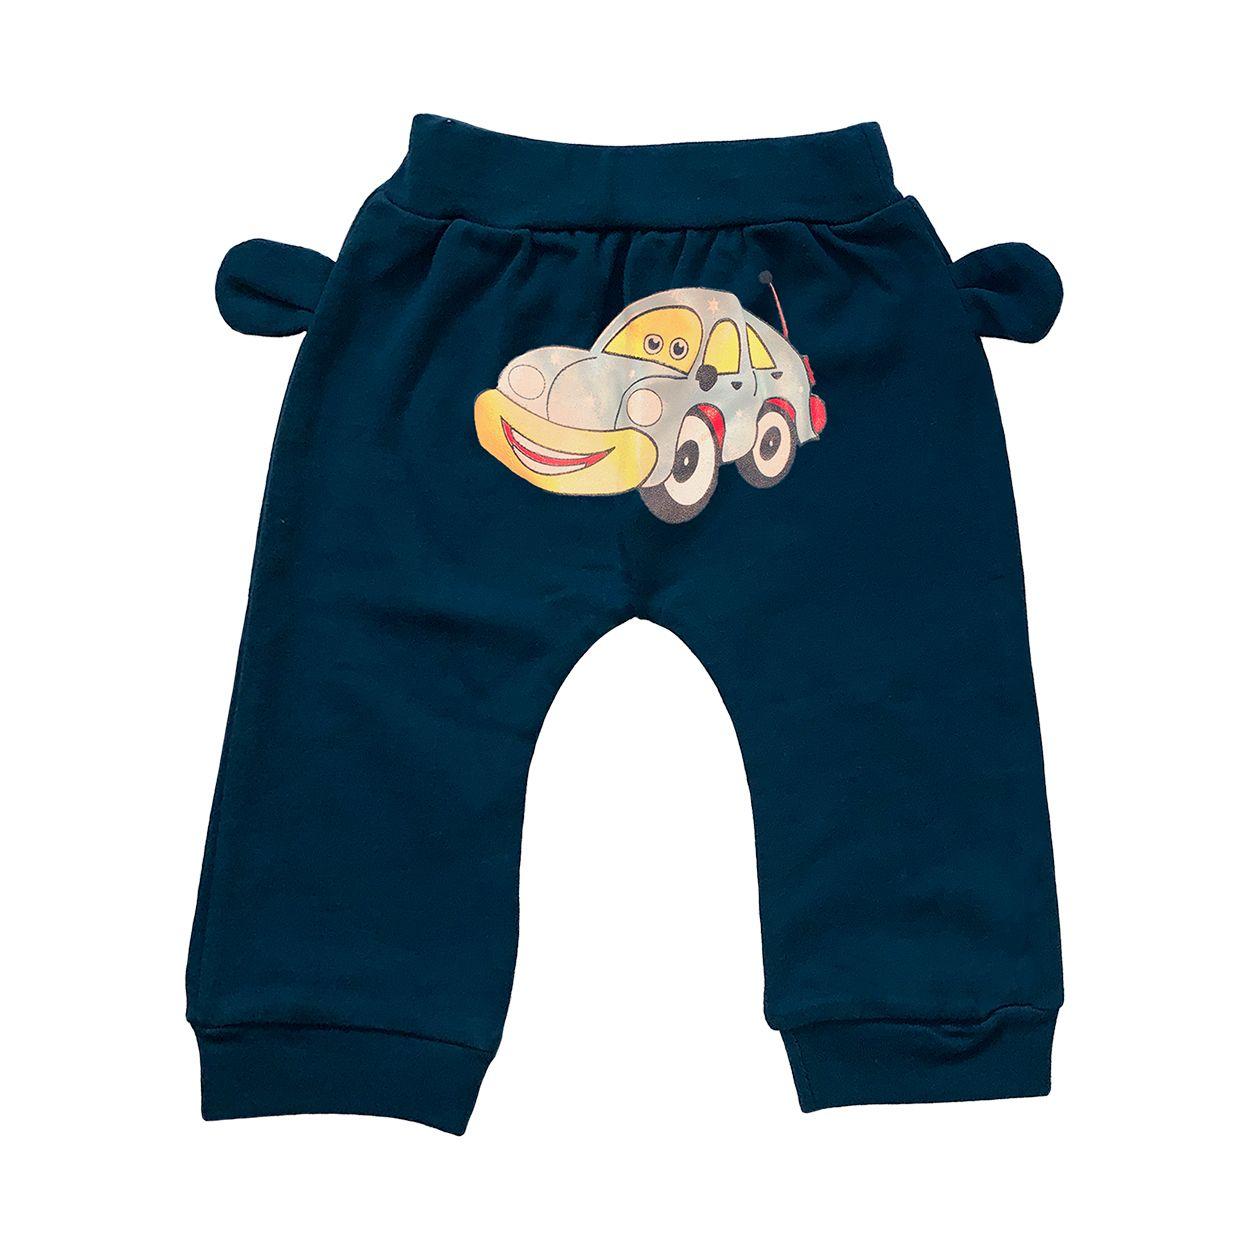 ست تی شرت و شلوار نوزادی طرح ماشین کد FF-078 -  - 4